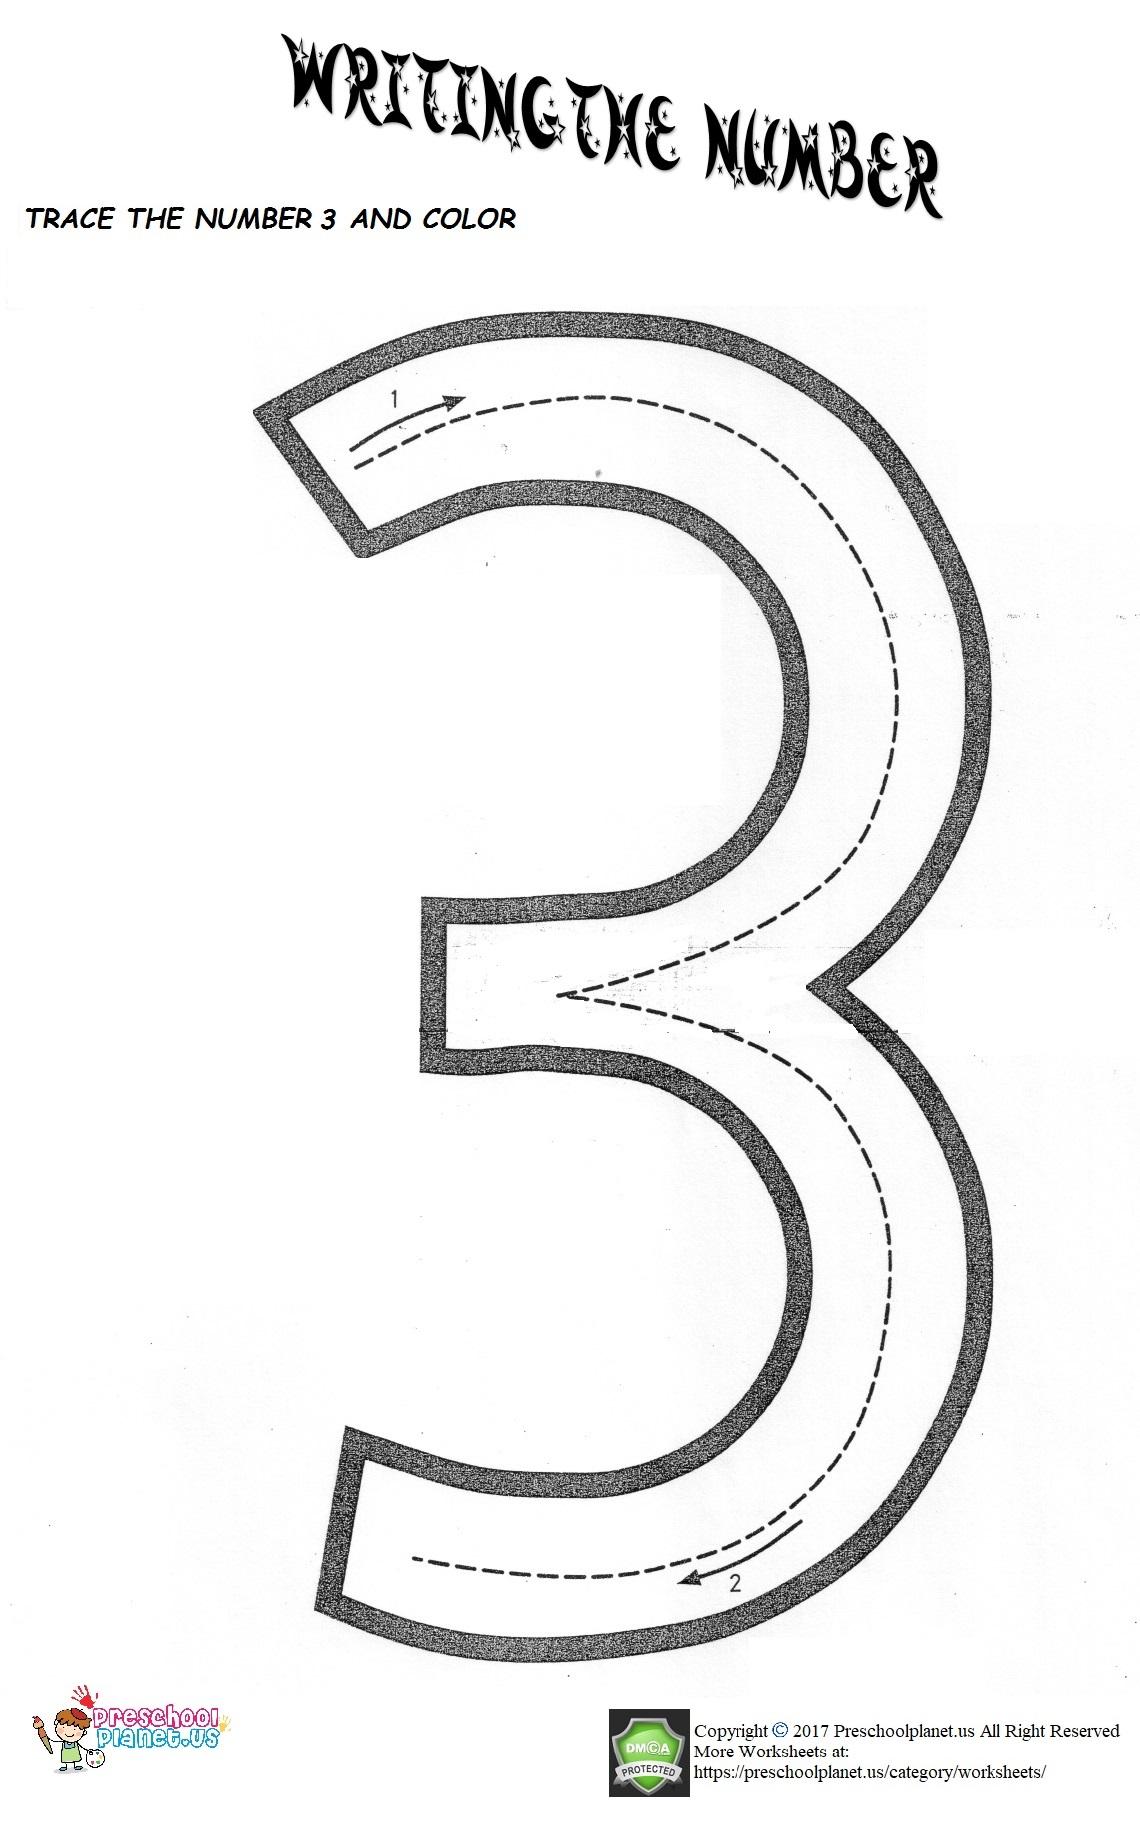 Number 3 Worksheet Preschoolplanet